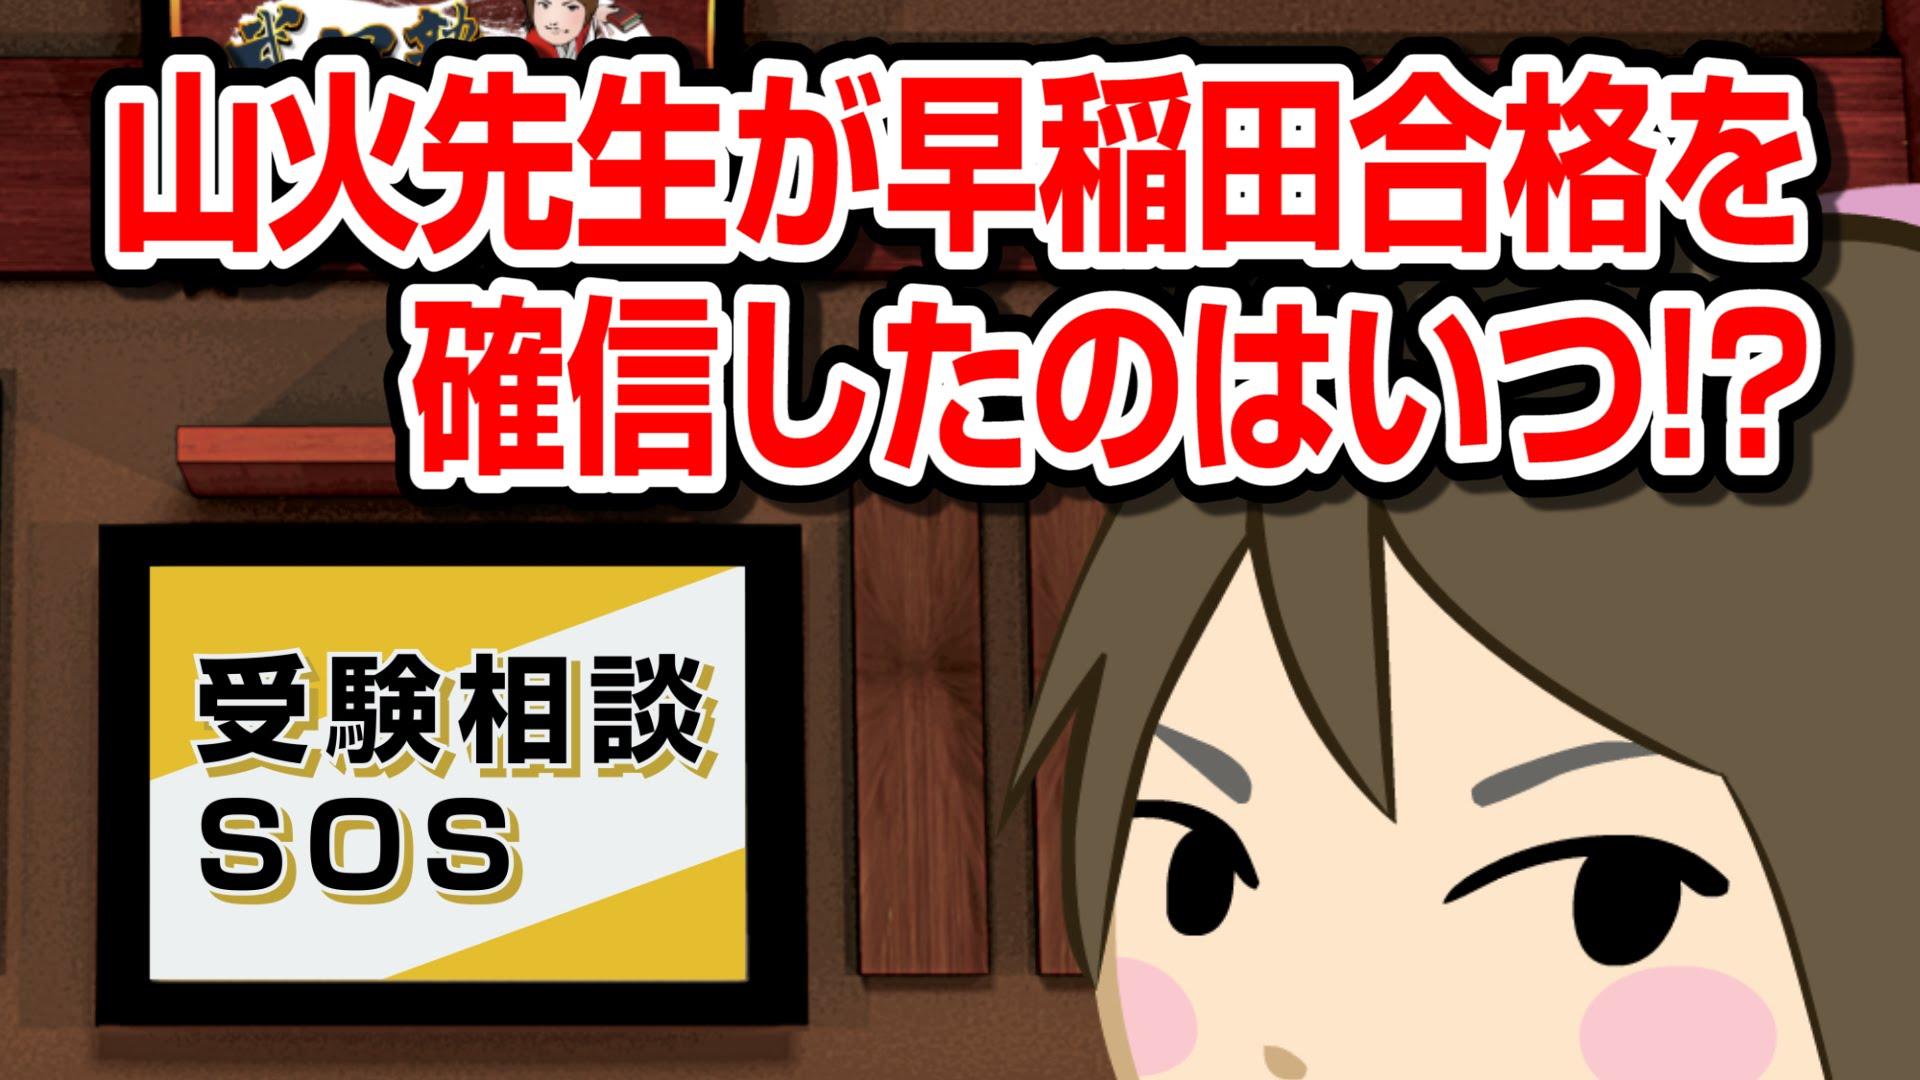 【vol.249】山火先生が早稲田合格を確信したのはいつ!?|受験相談SOS